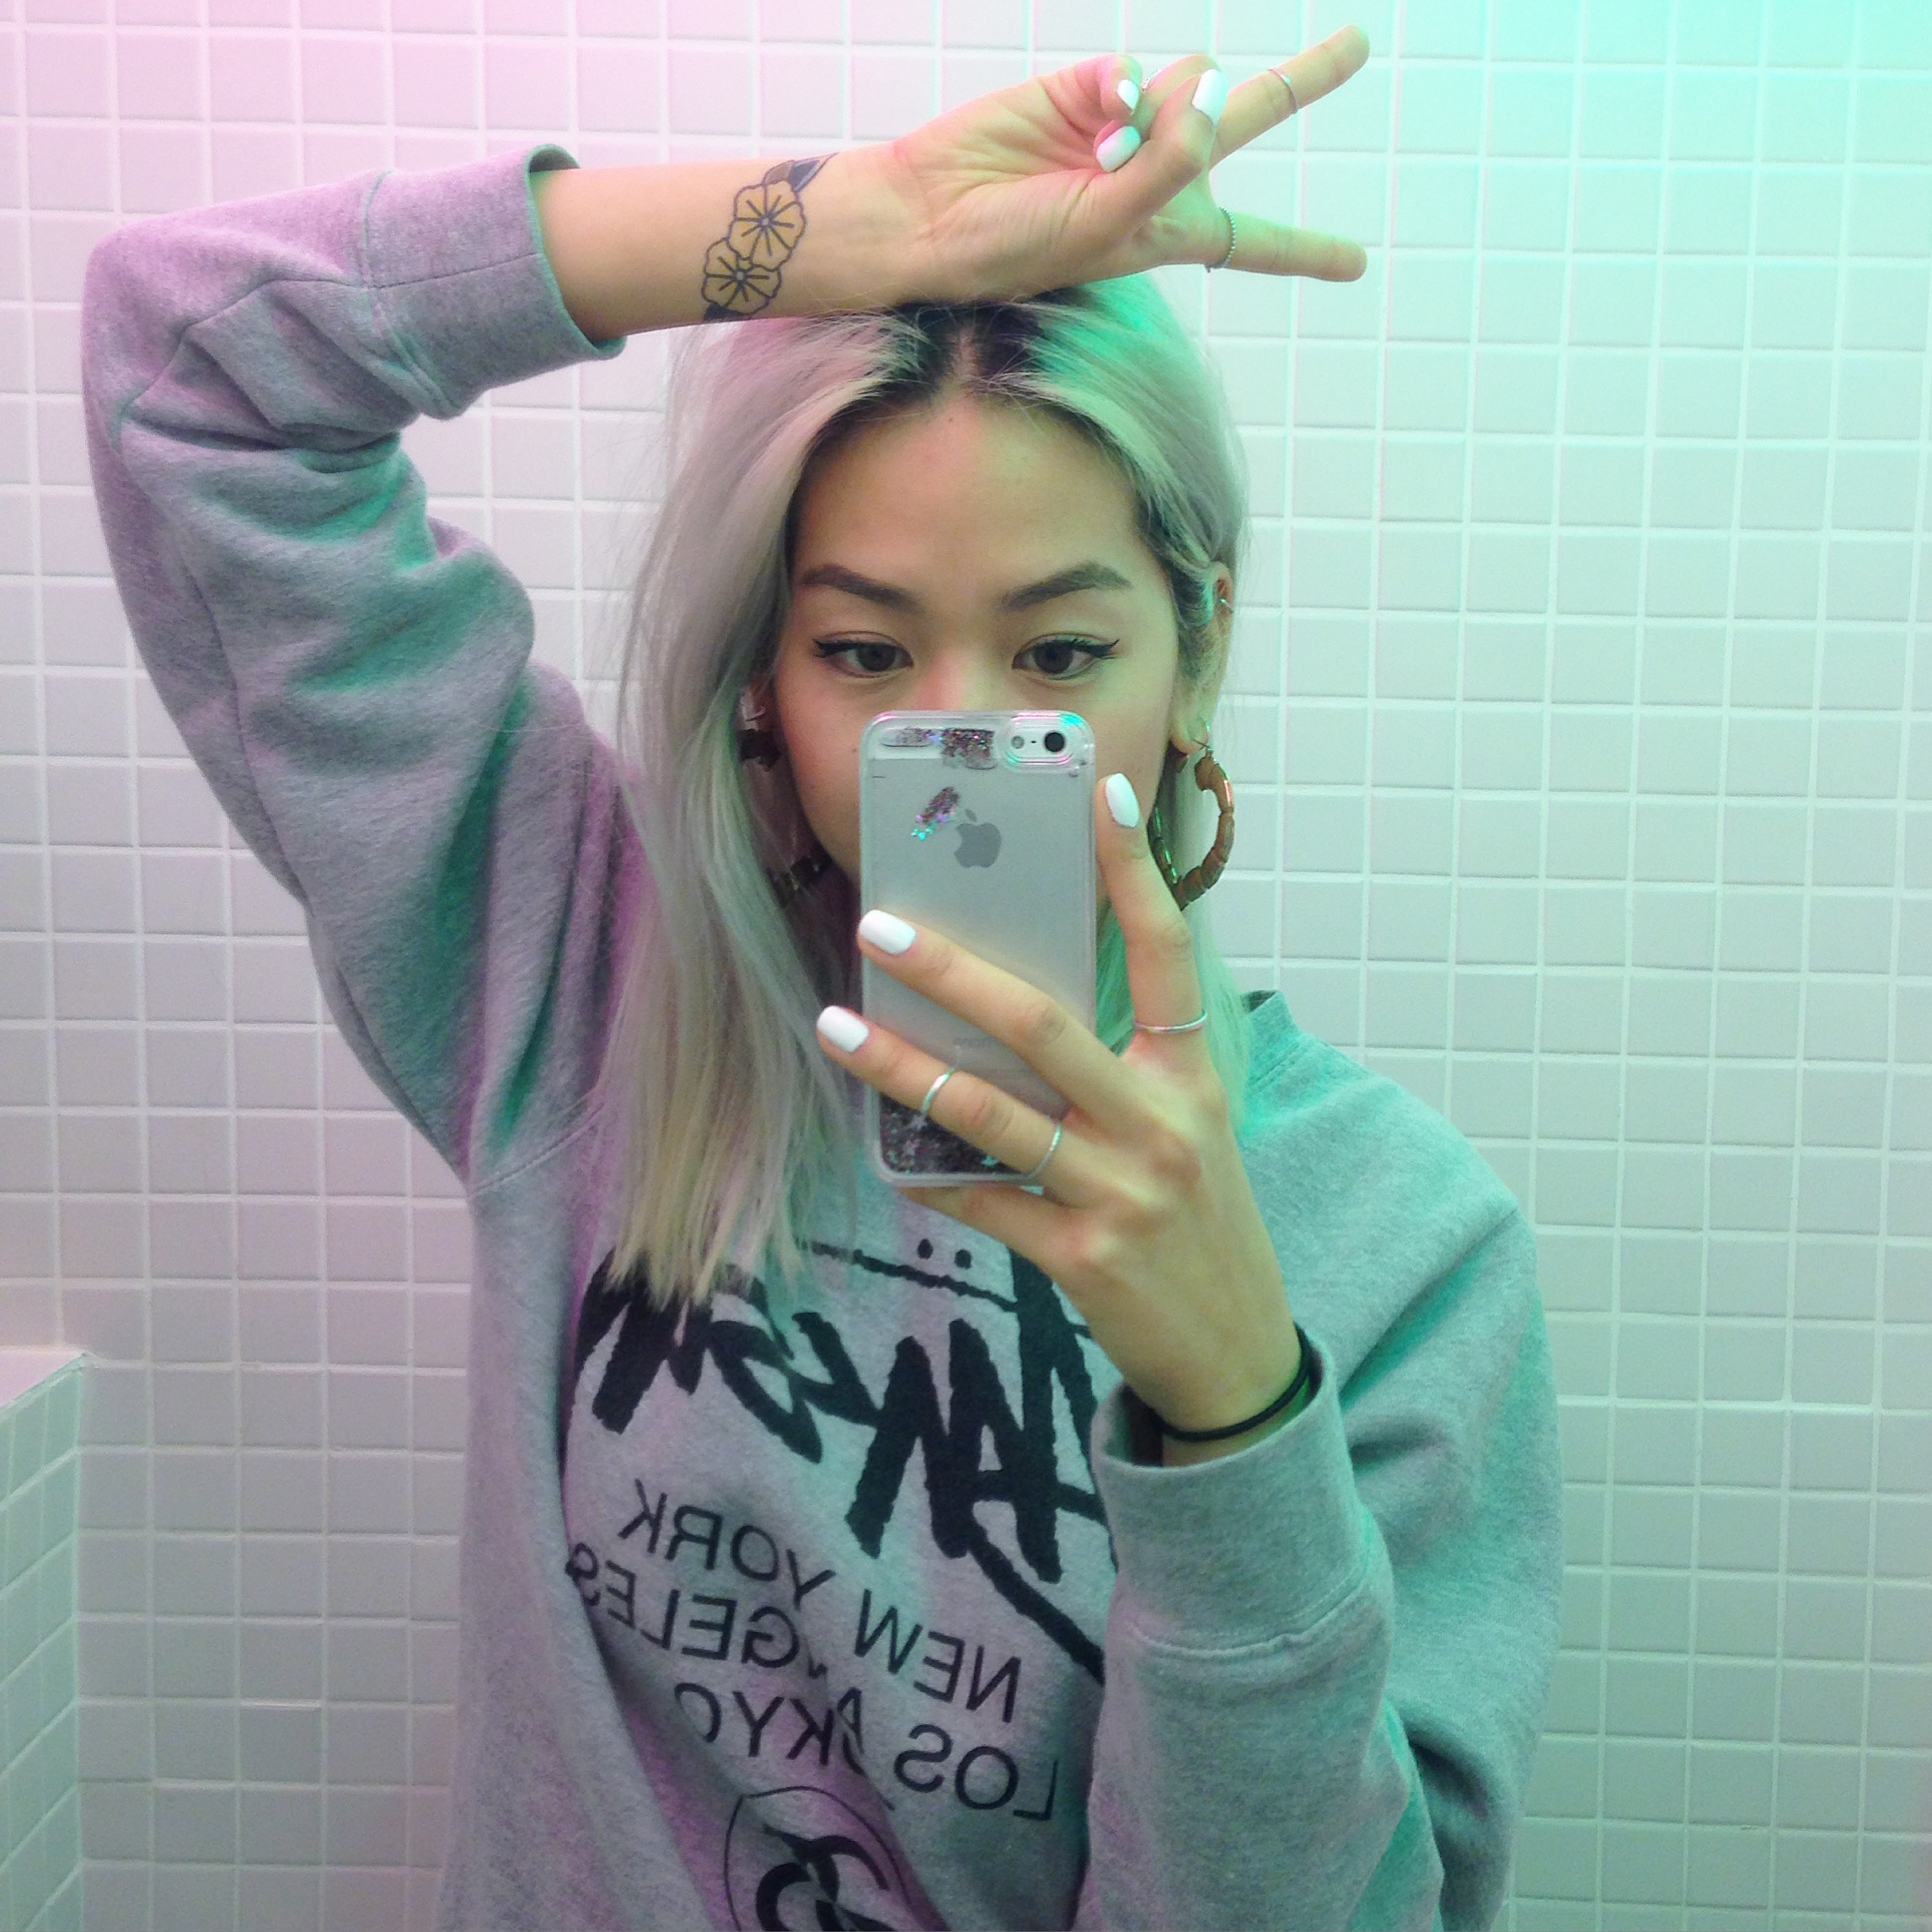 Selfie Pny